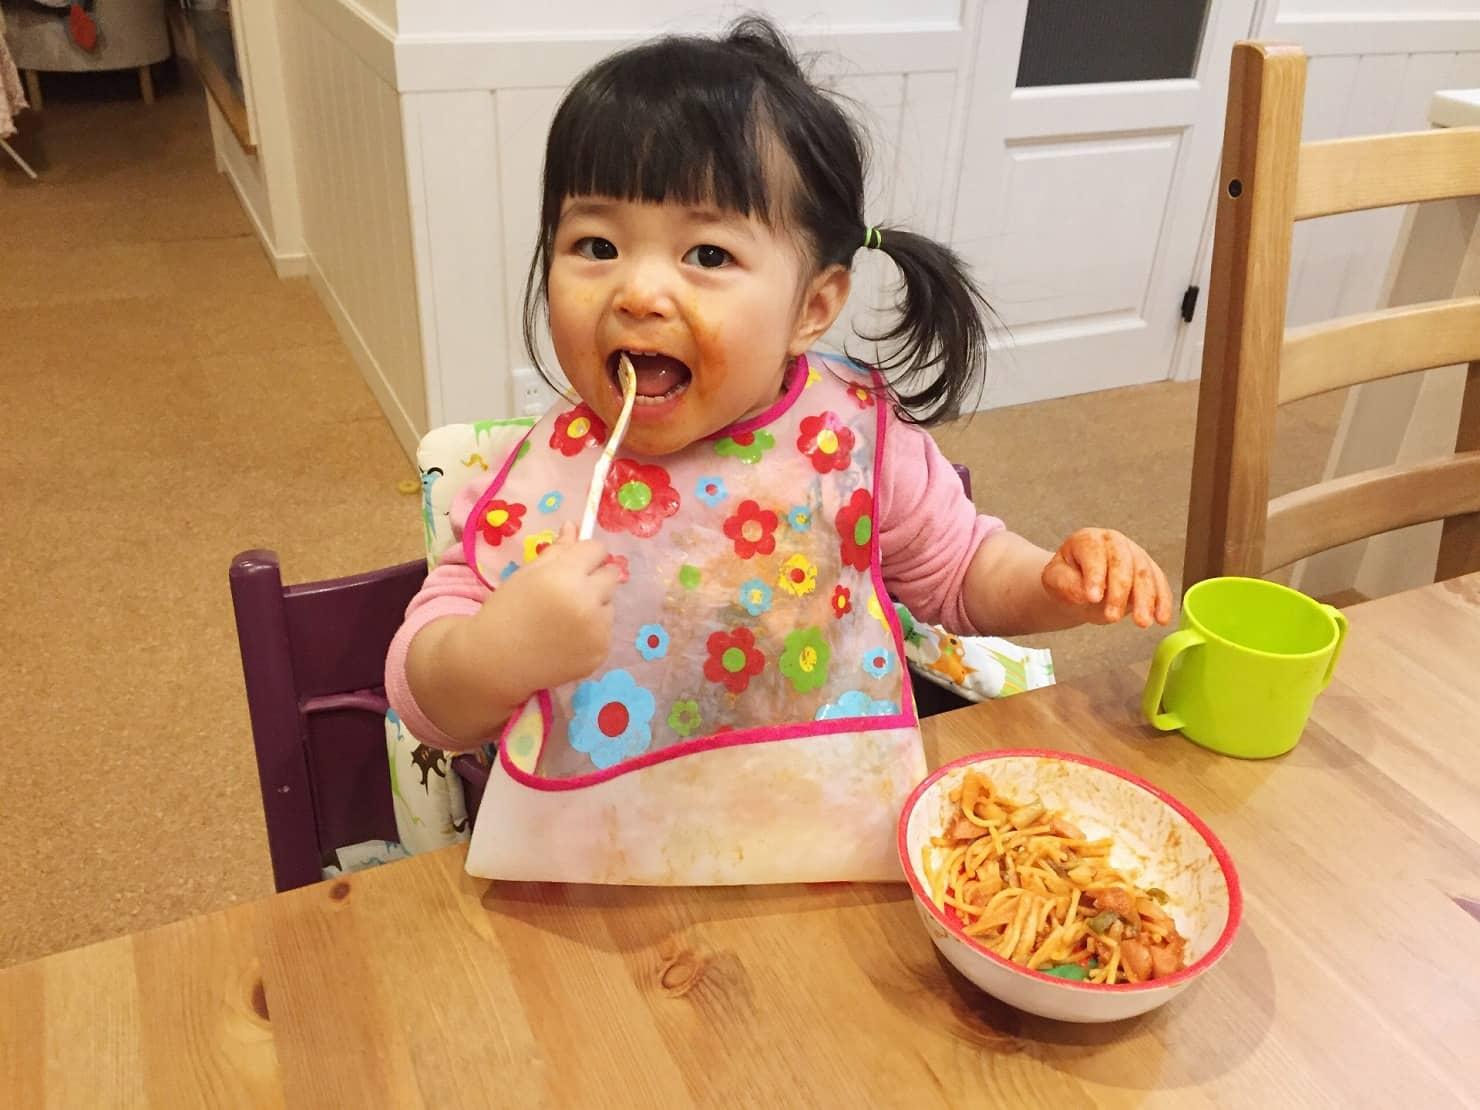 赤ちゃんの離乳食3回食の進め方は? フォローアップミルクは必要? 取り分けレシピ本も!